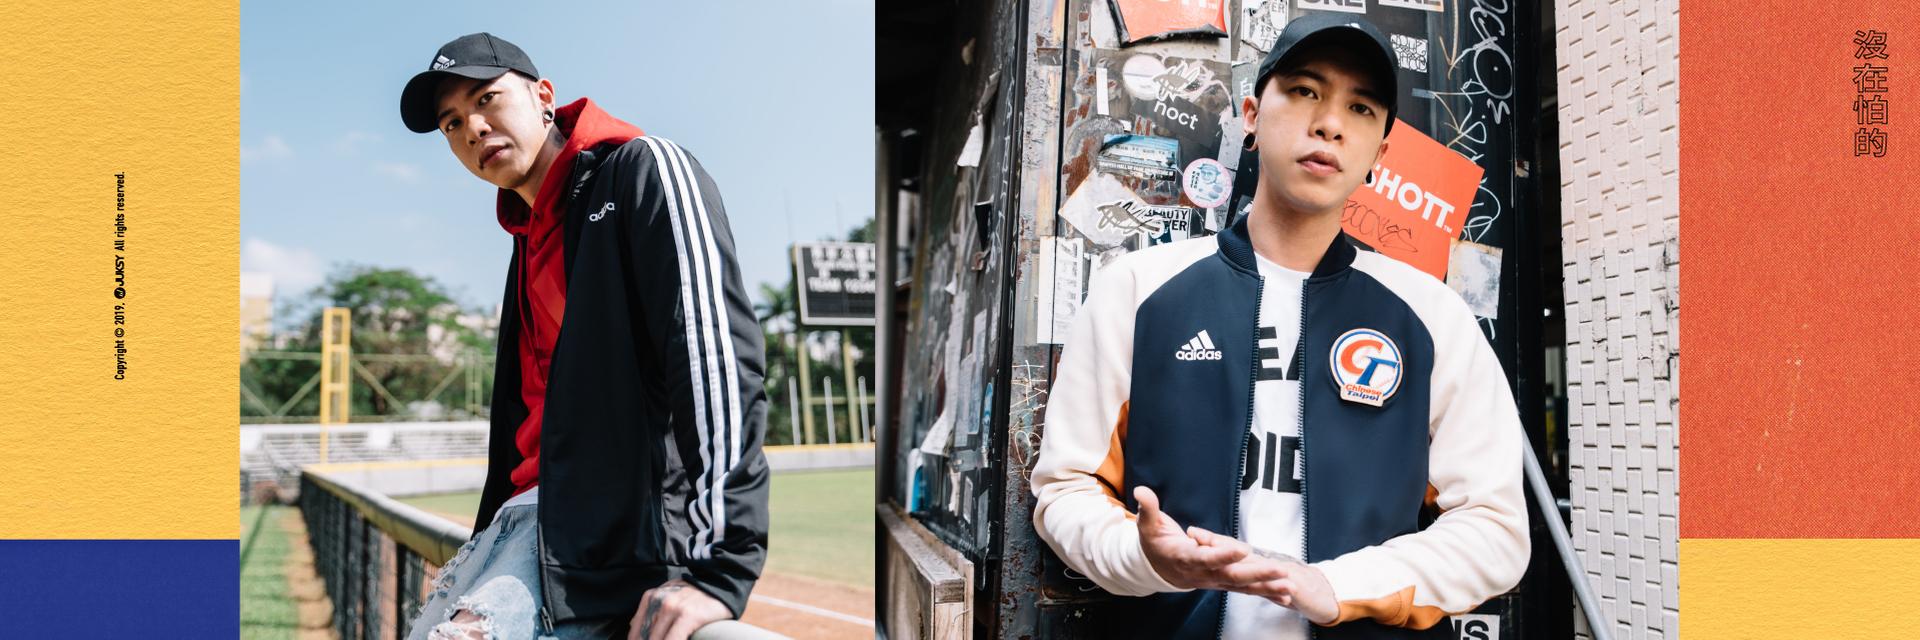 #沒在怕的!頑童小春用饒舌的傲氣與 adidas 組隊,成為中華隊的最強後盾!